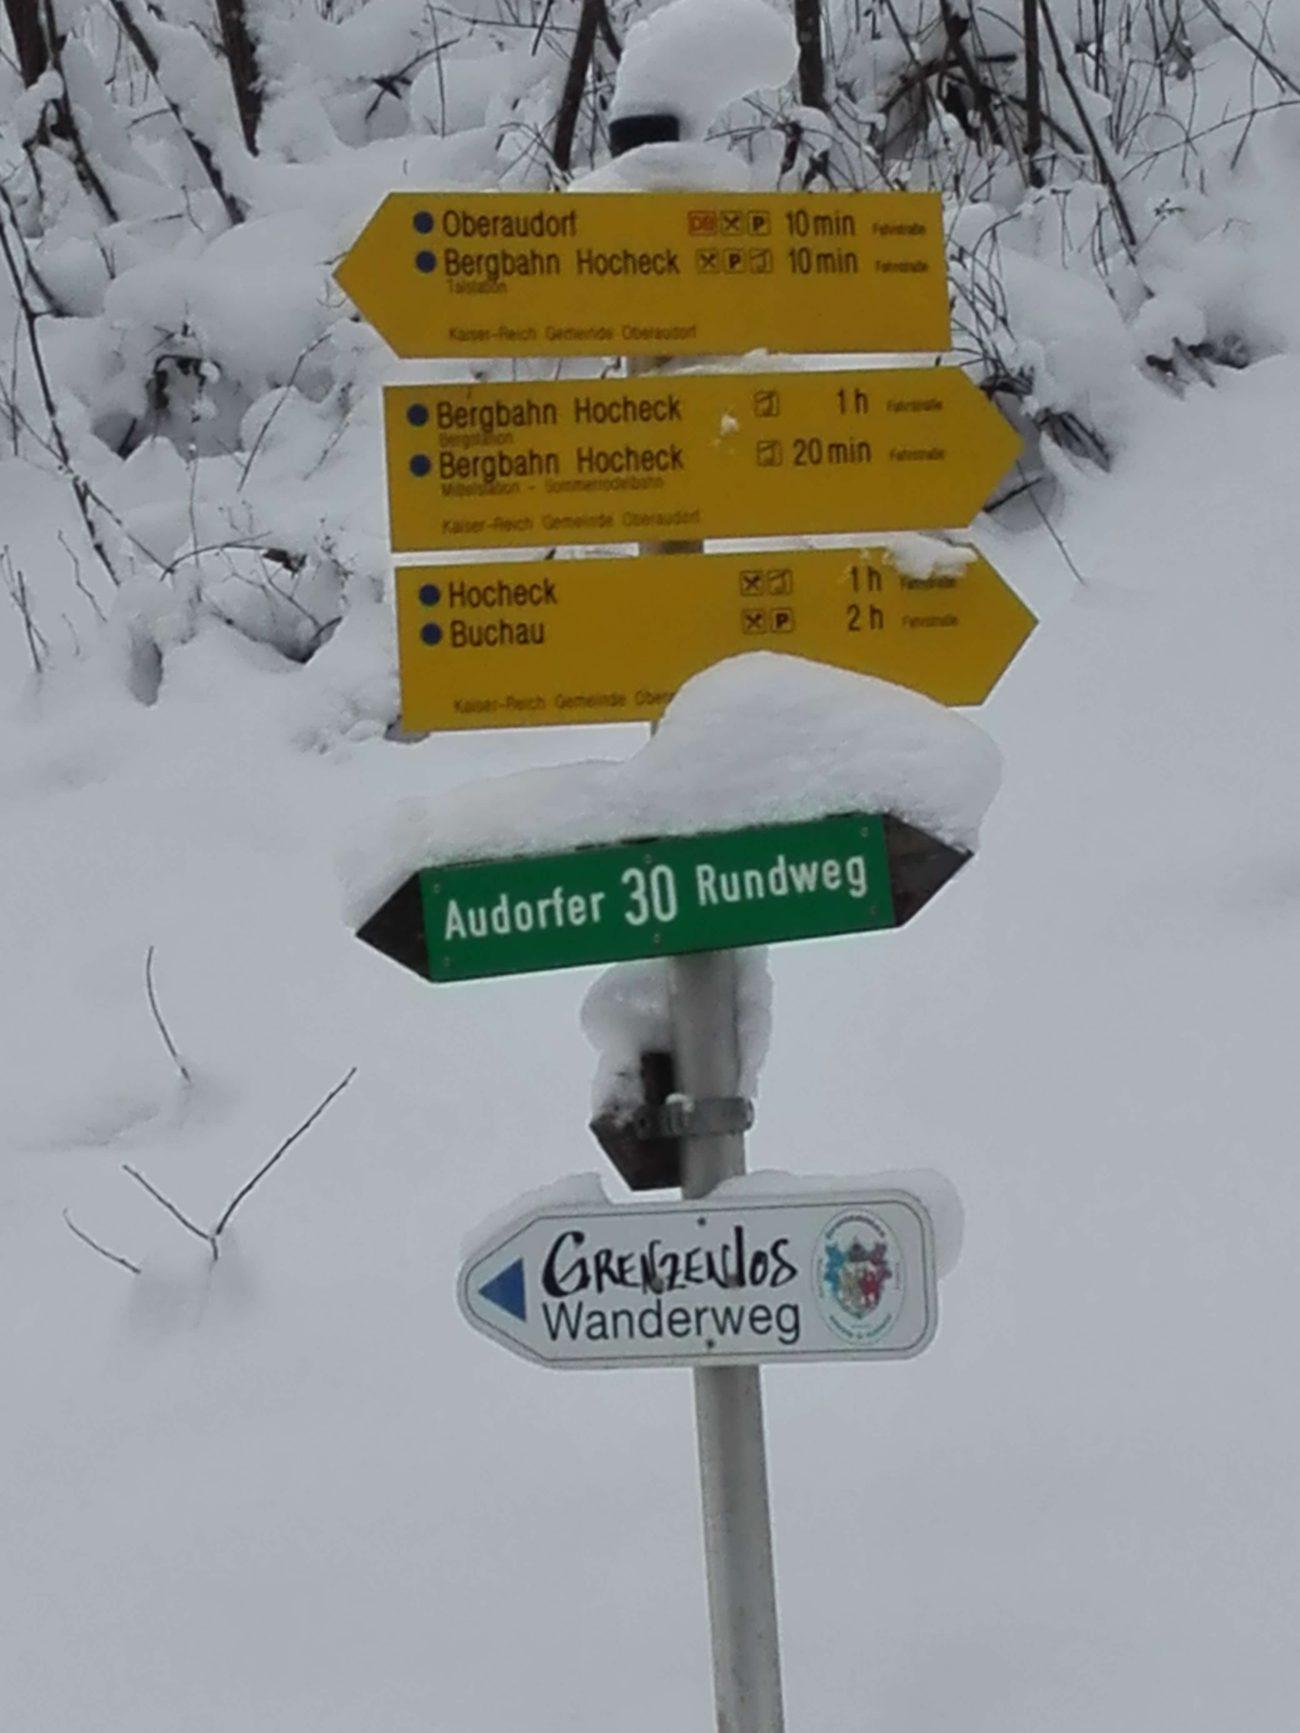 16 Hocheck Foststrasse Schild Abzweigung